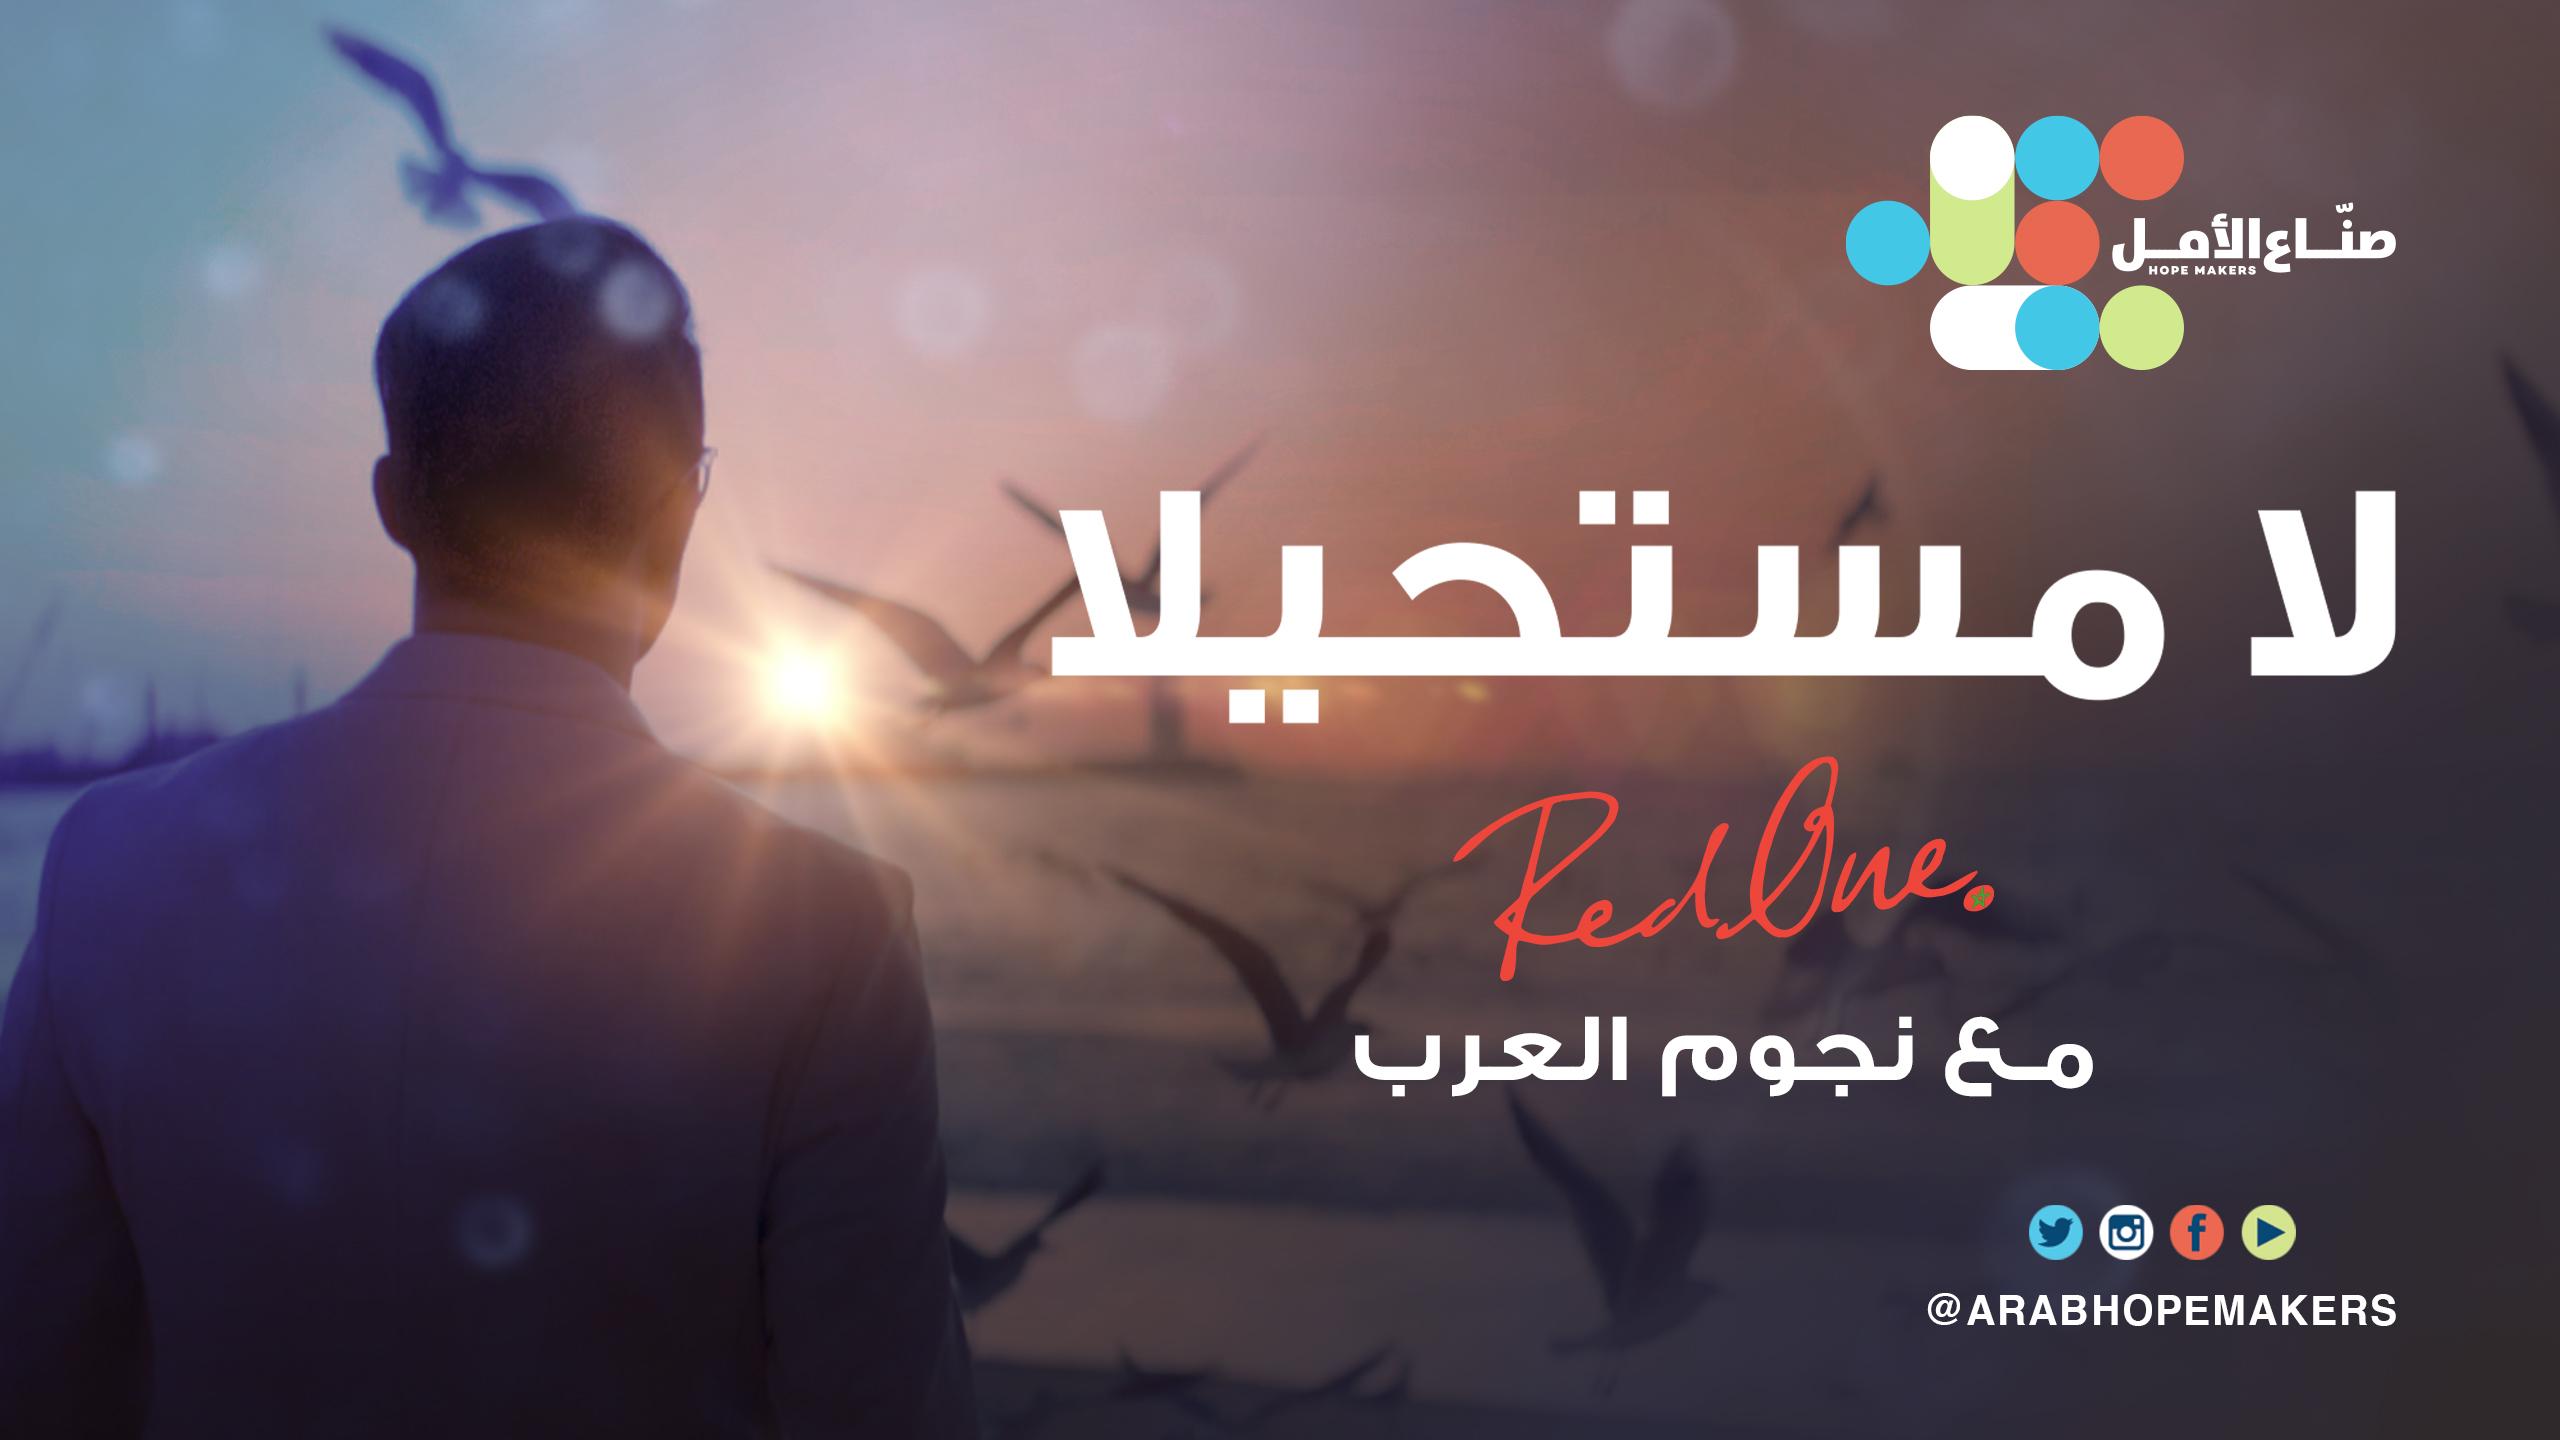 ٣٠ فناناً غنّوا للأمل في أكبر إنتاج فني عربي